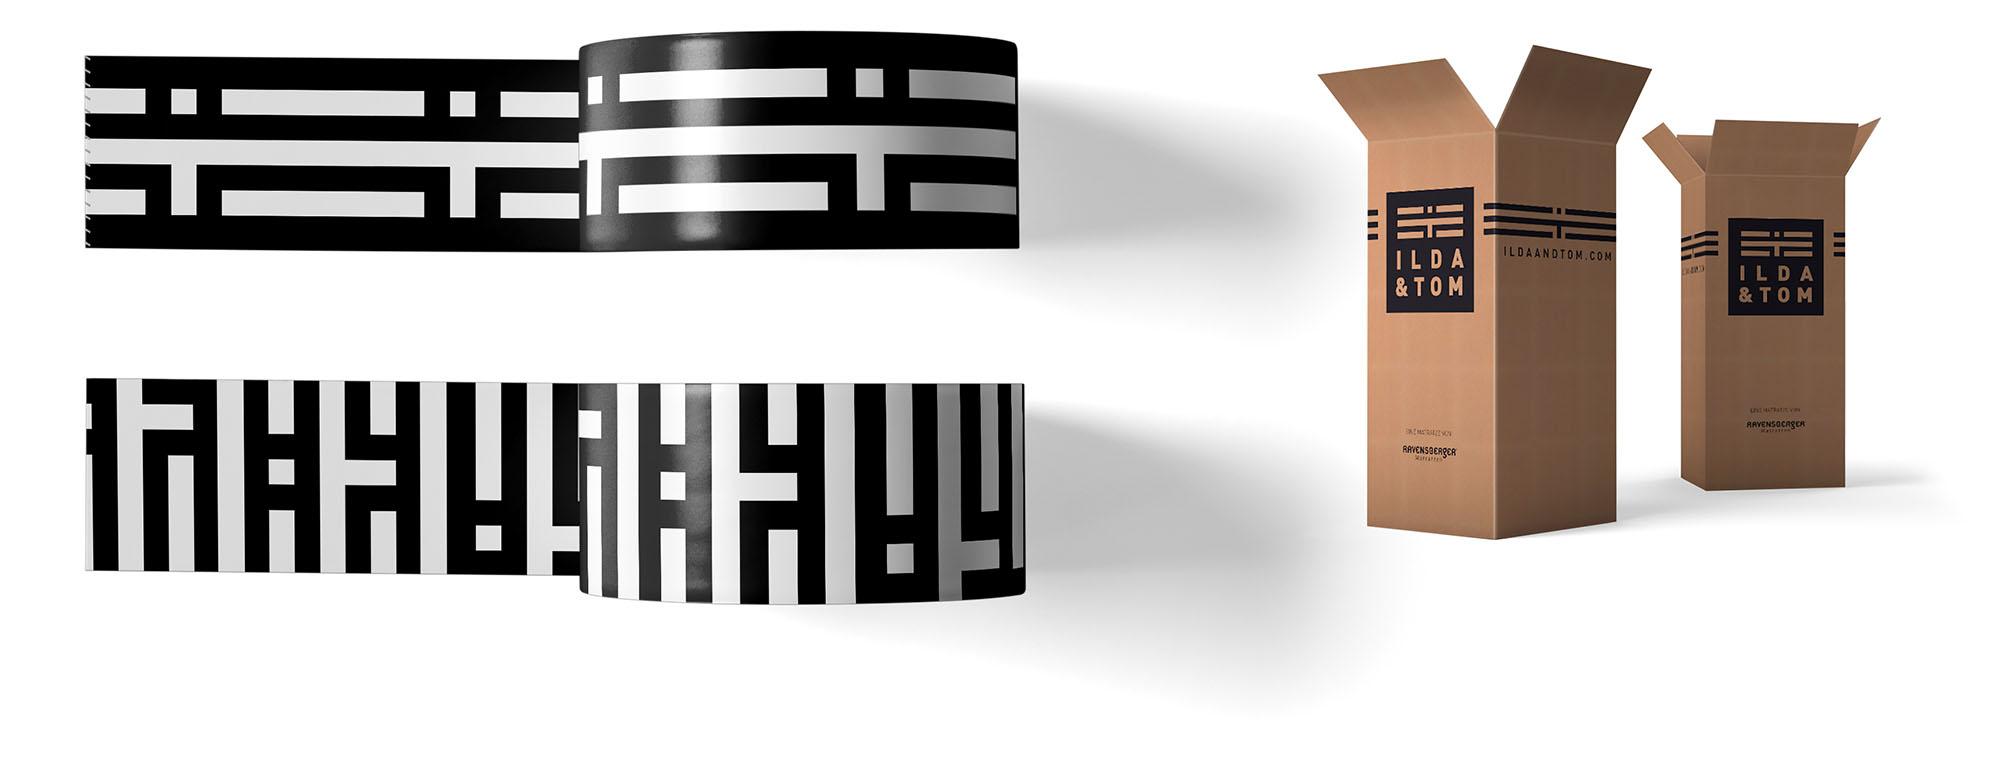 Branding auf zwei Rollen Packband und zwei Versandkartons